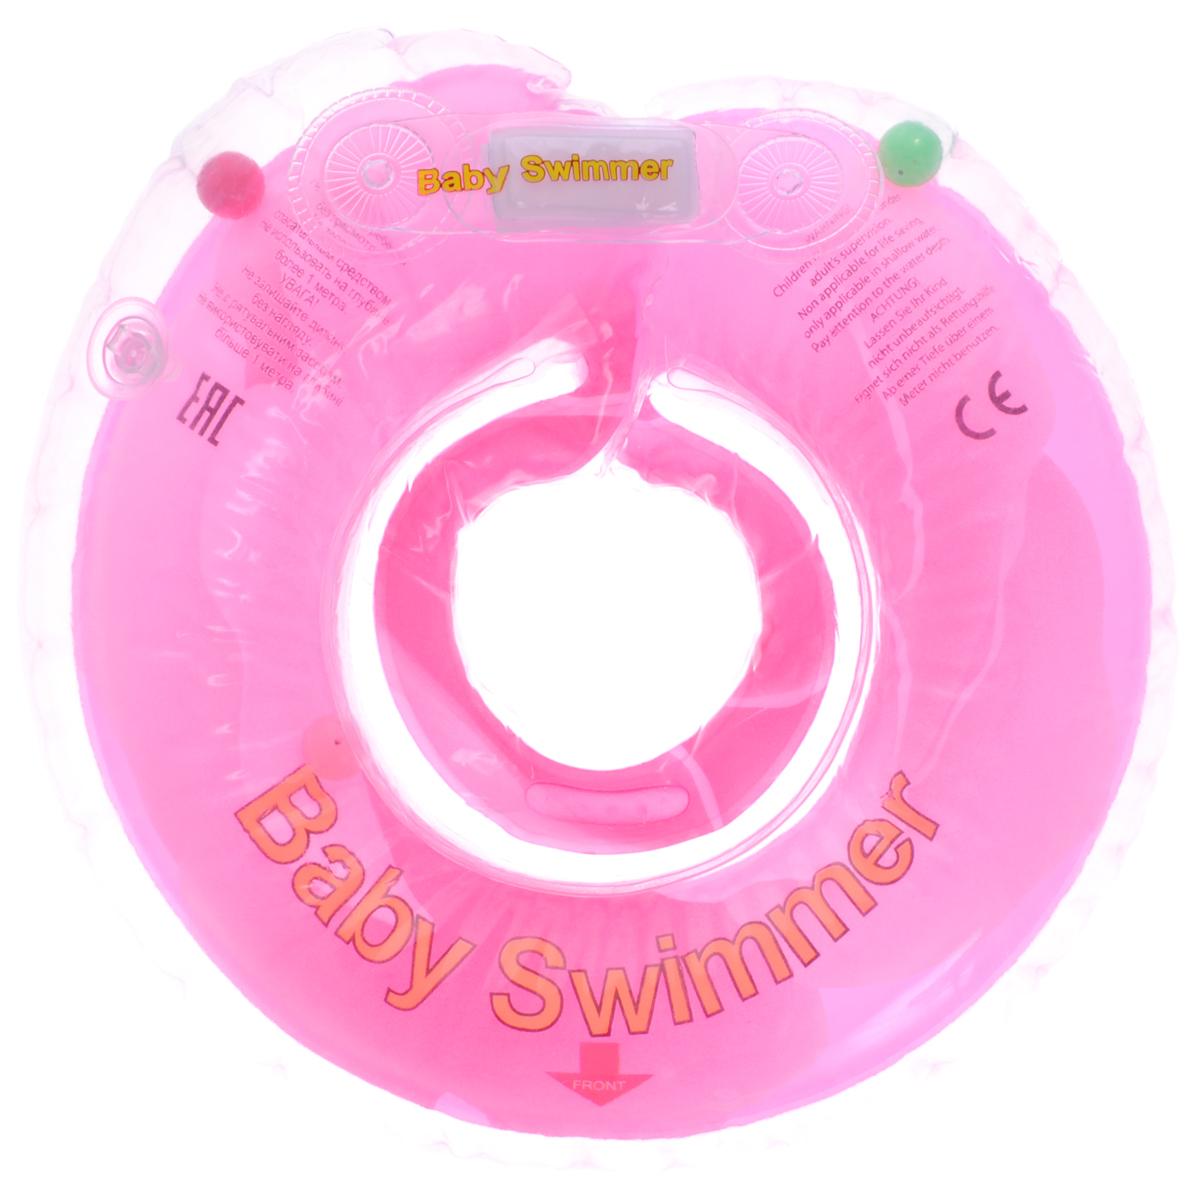 Baby Swimmer Круг на шею Розовый бутон с погремушкой 6-36 кг roxi kids fl002 круг на шею для купания малышей